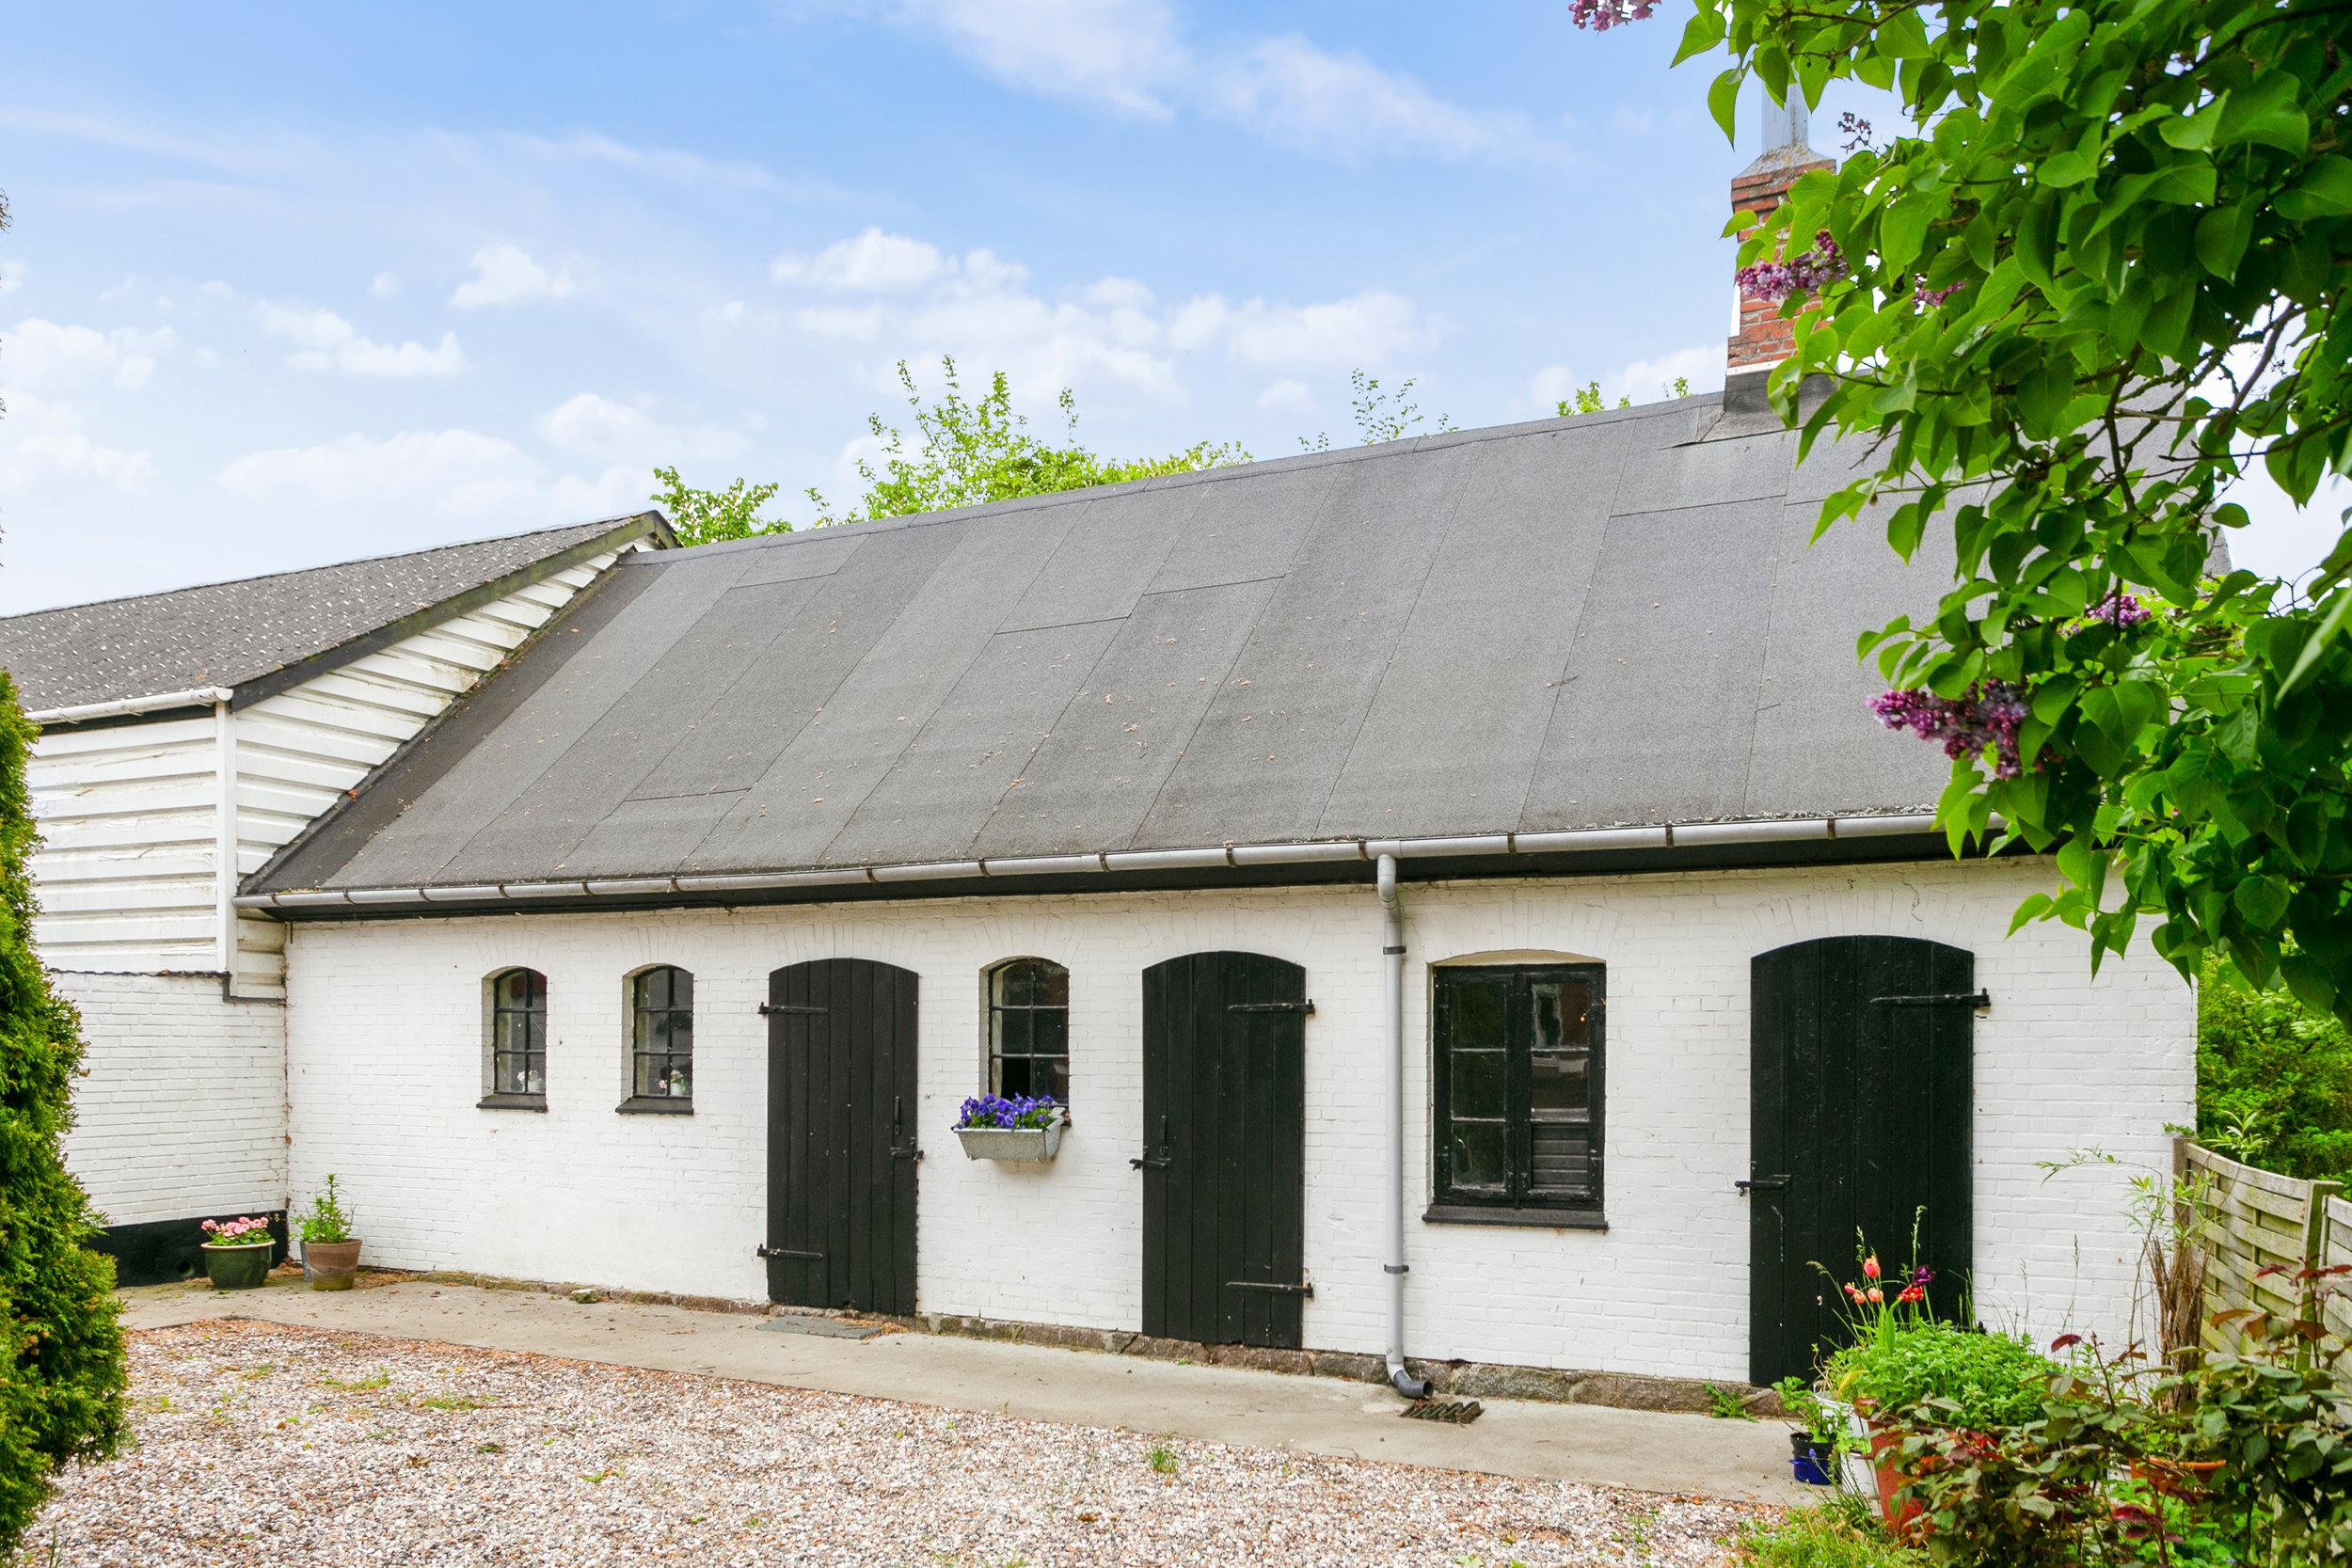 Værksted, hønsehus og depotrum